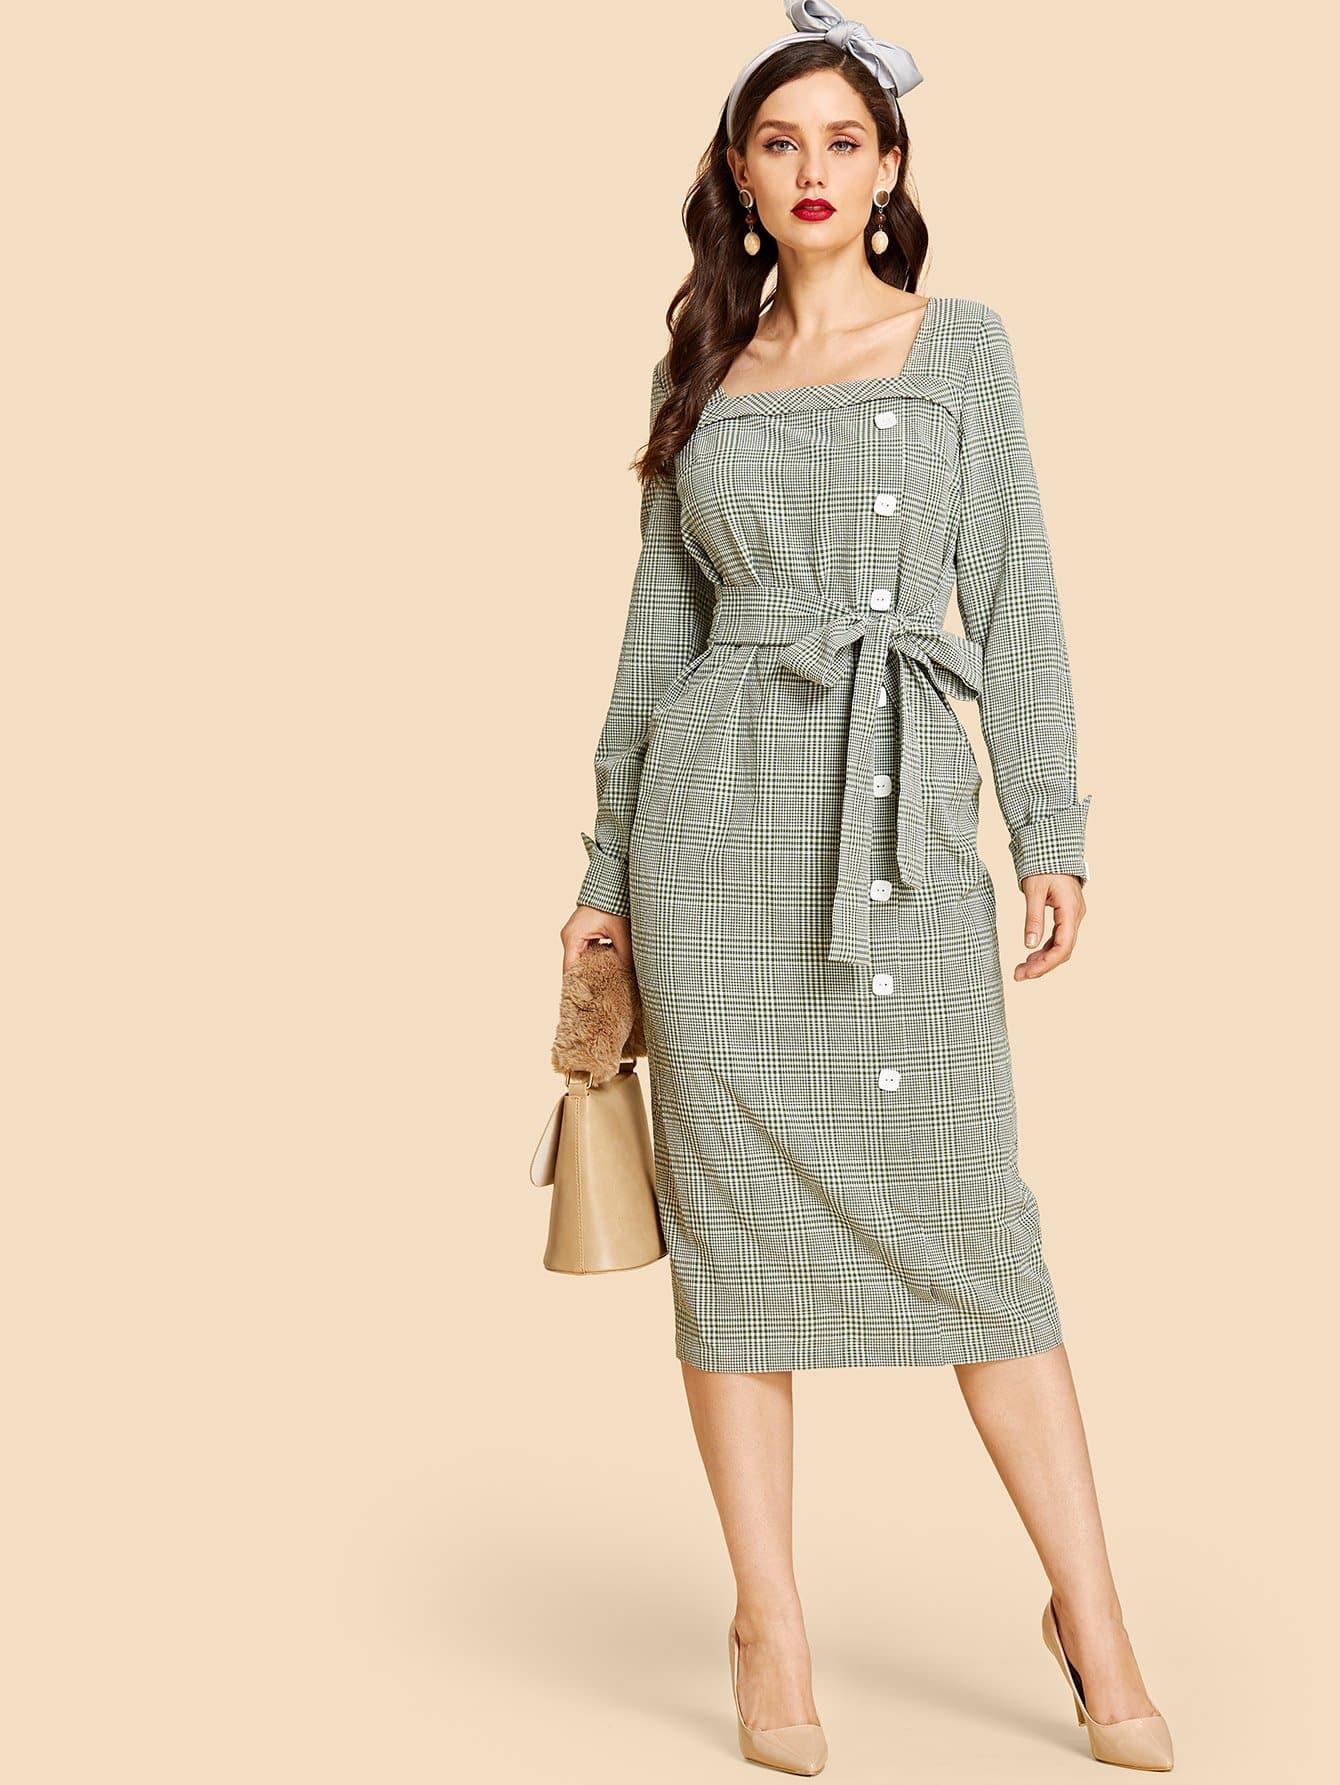 Купить Платье в клетку и с украшением пуговицы и с застёжкой молния сзади одежды, Julie H., SheIn